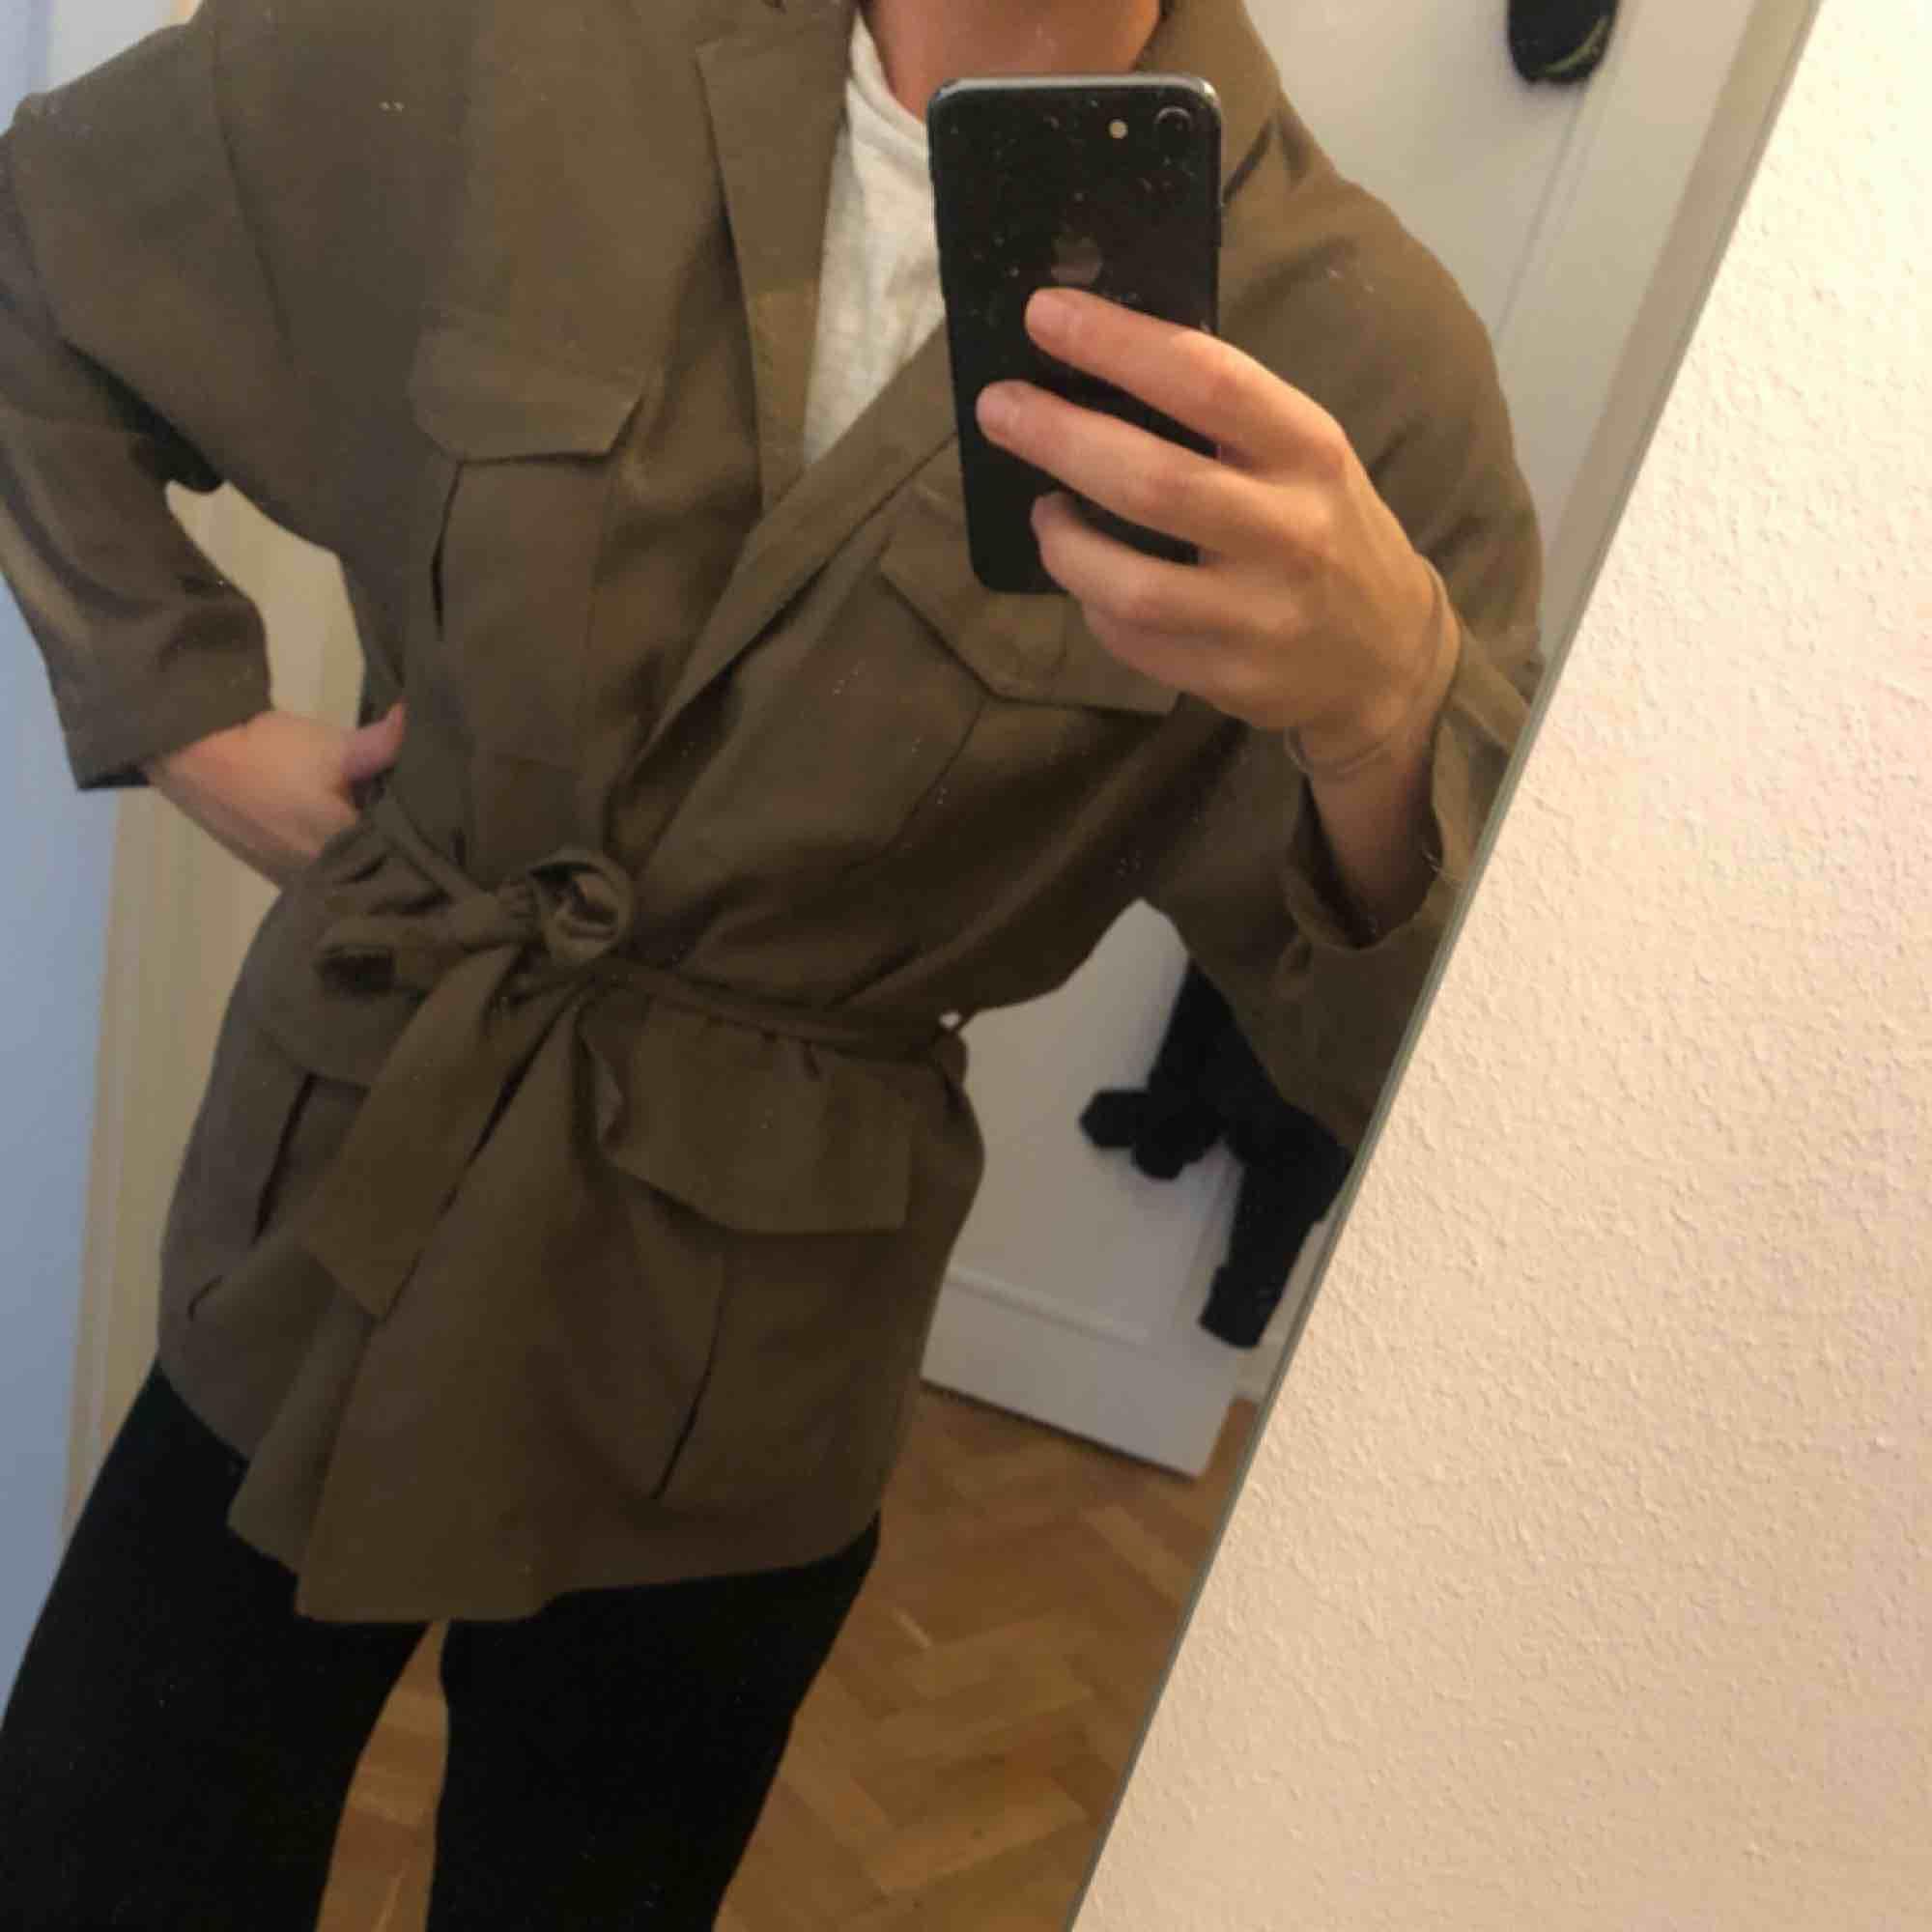 Carin Wester jacka olivgrön/militärgrön  Knäppning och midjeband. Snygg även utan midjebandet.   Säljer av min garderob på sådant jag inte använder. Denna jacka är väldigt sparsamt använd: ca 5 ggr  . Jackor.